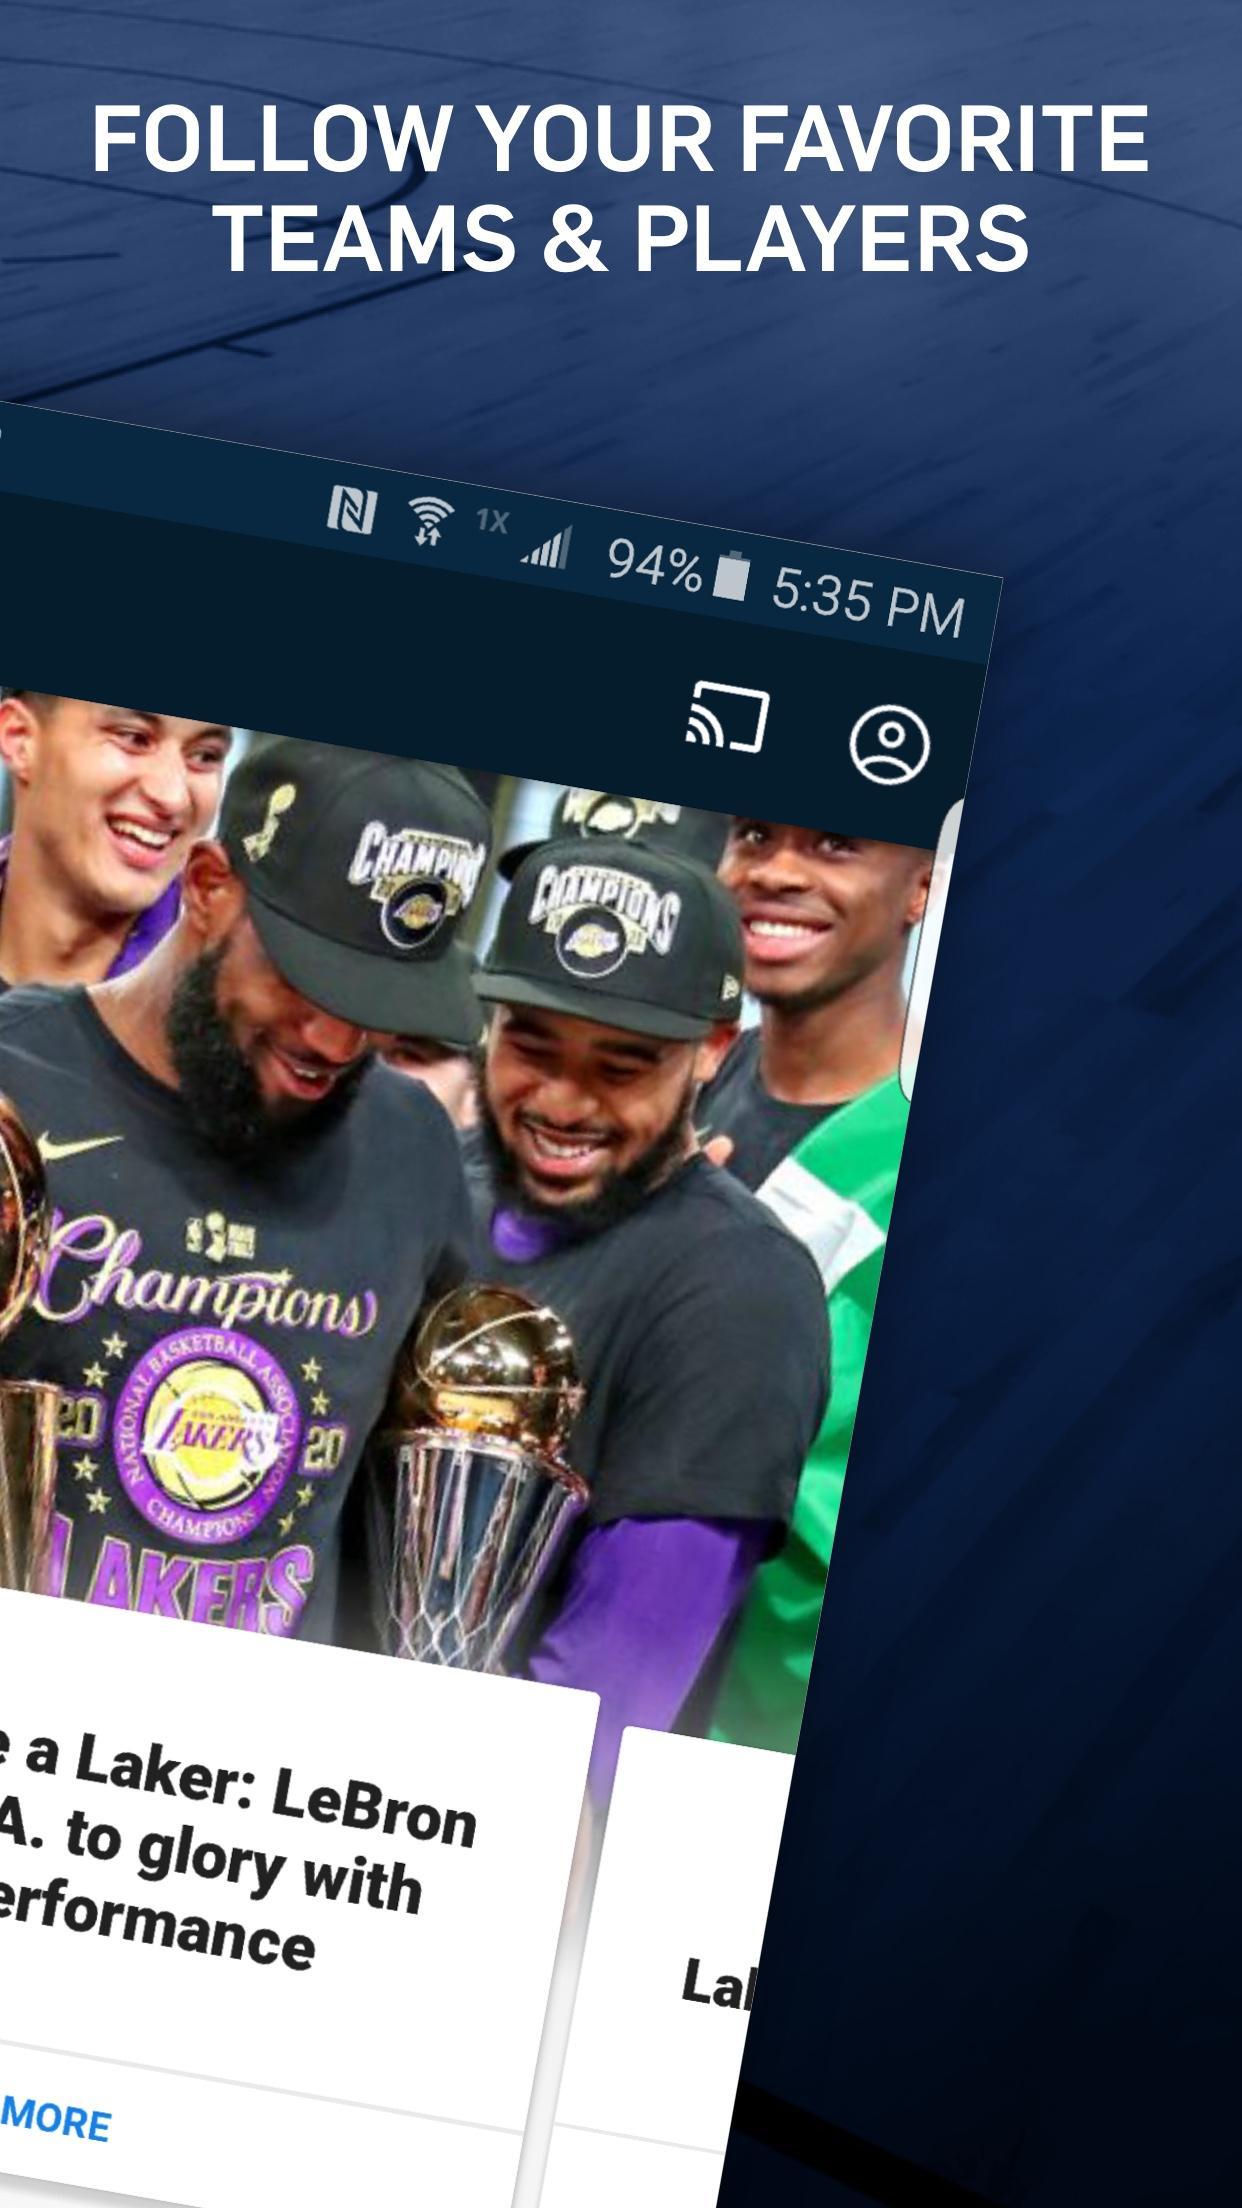 NBA Live Games & Scores 10.1103 Screenshot 2